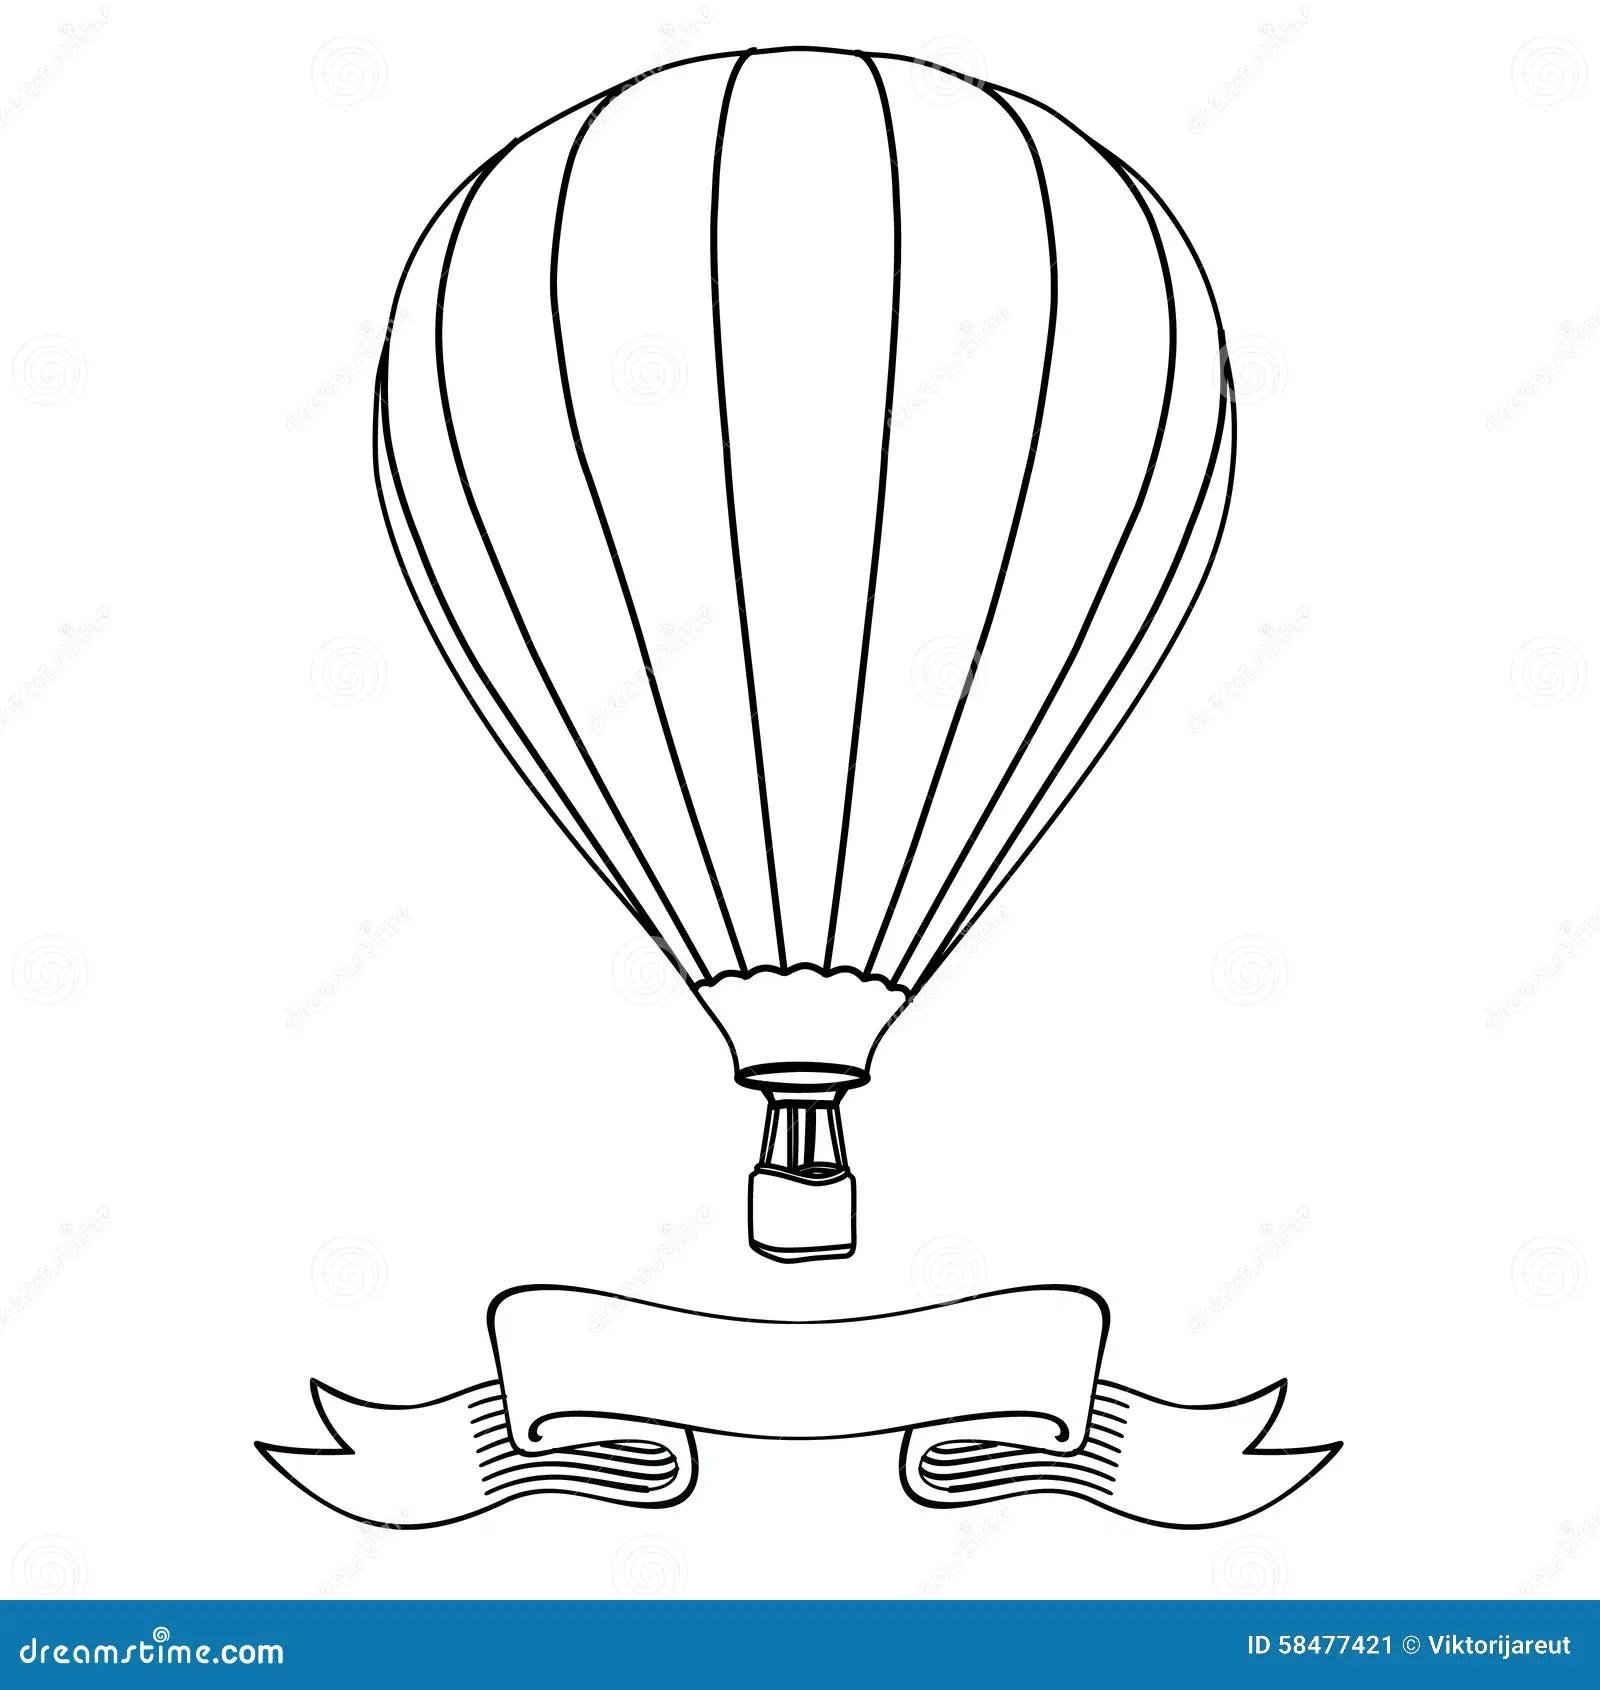 Hot Air Balloon Stock Illustration